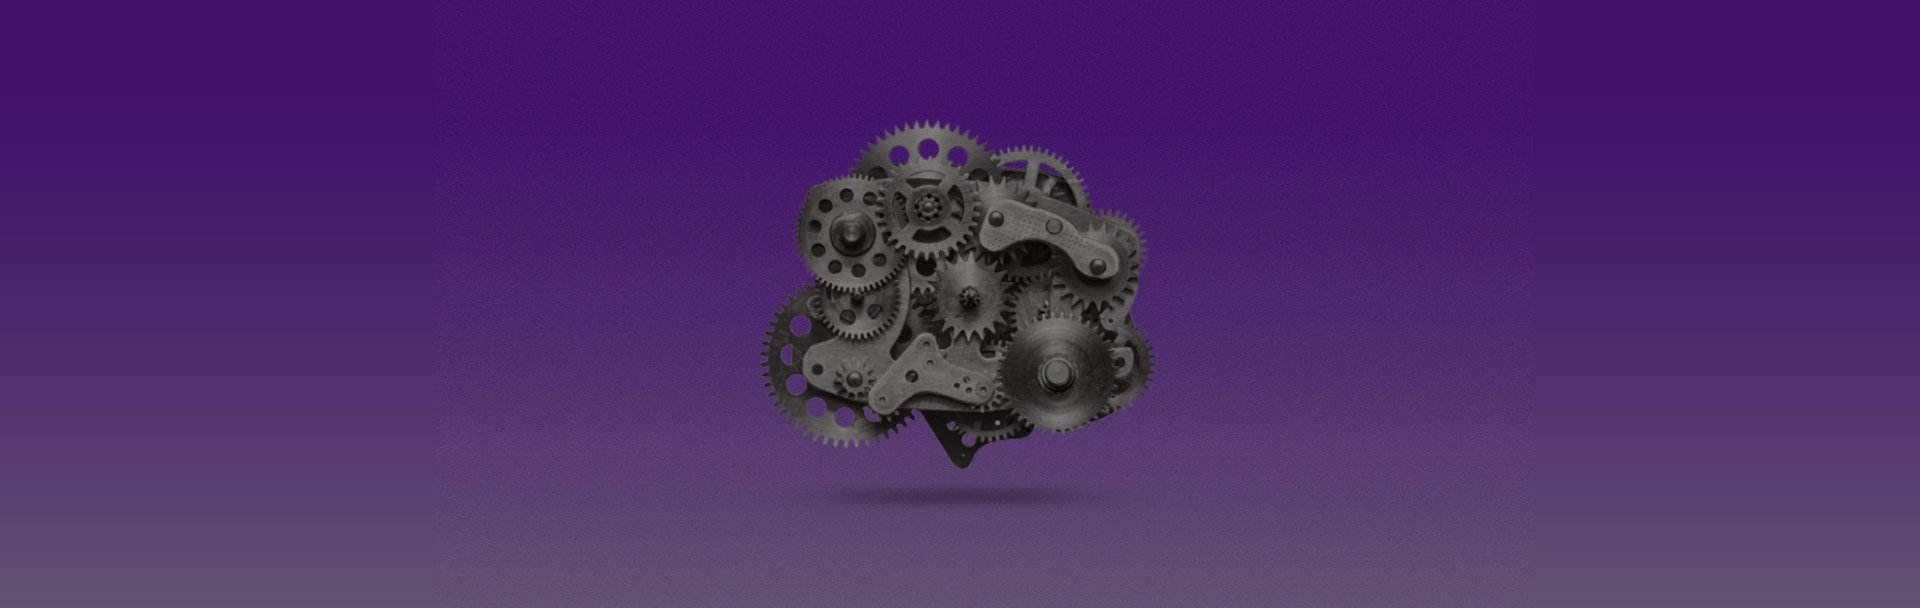 solucionweb-banner-estrategia-digital-inbound-redes-sociales-blog-pon-el-exito-en-marcha.jpg